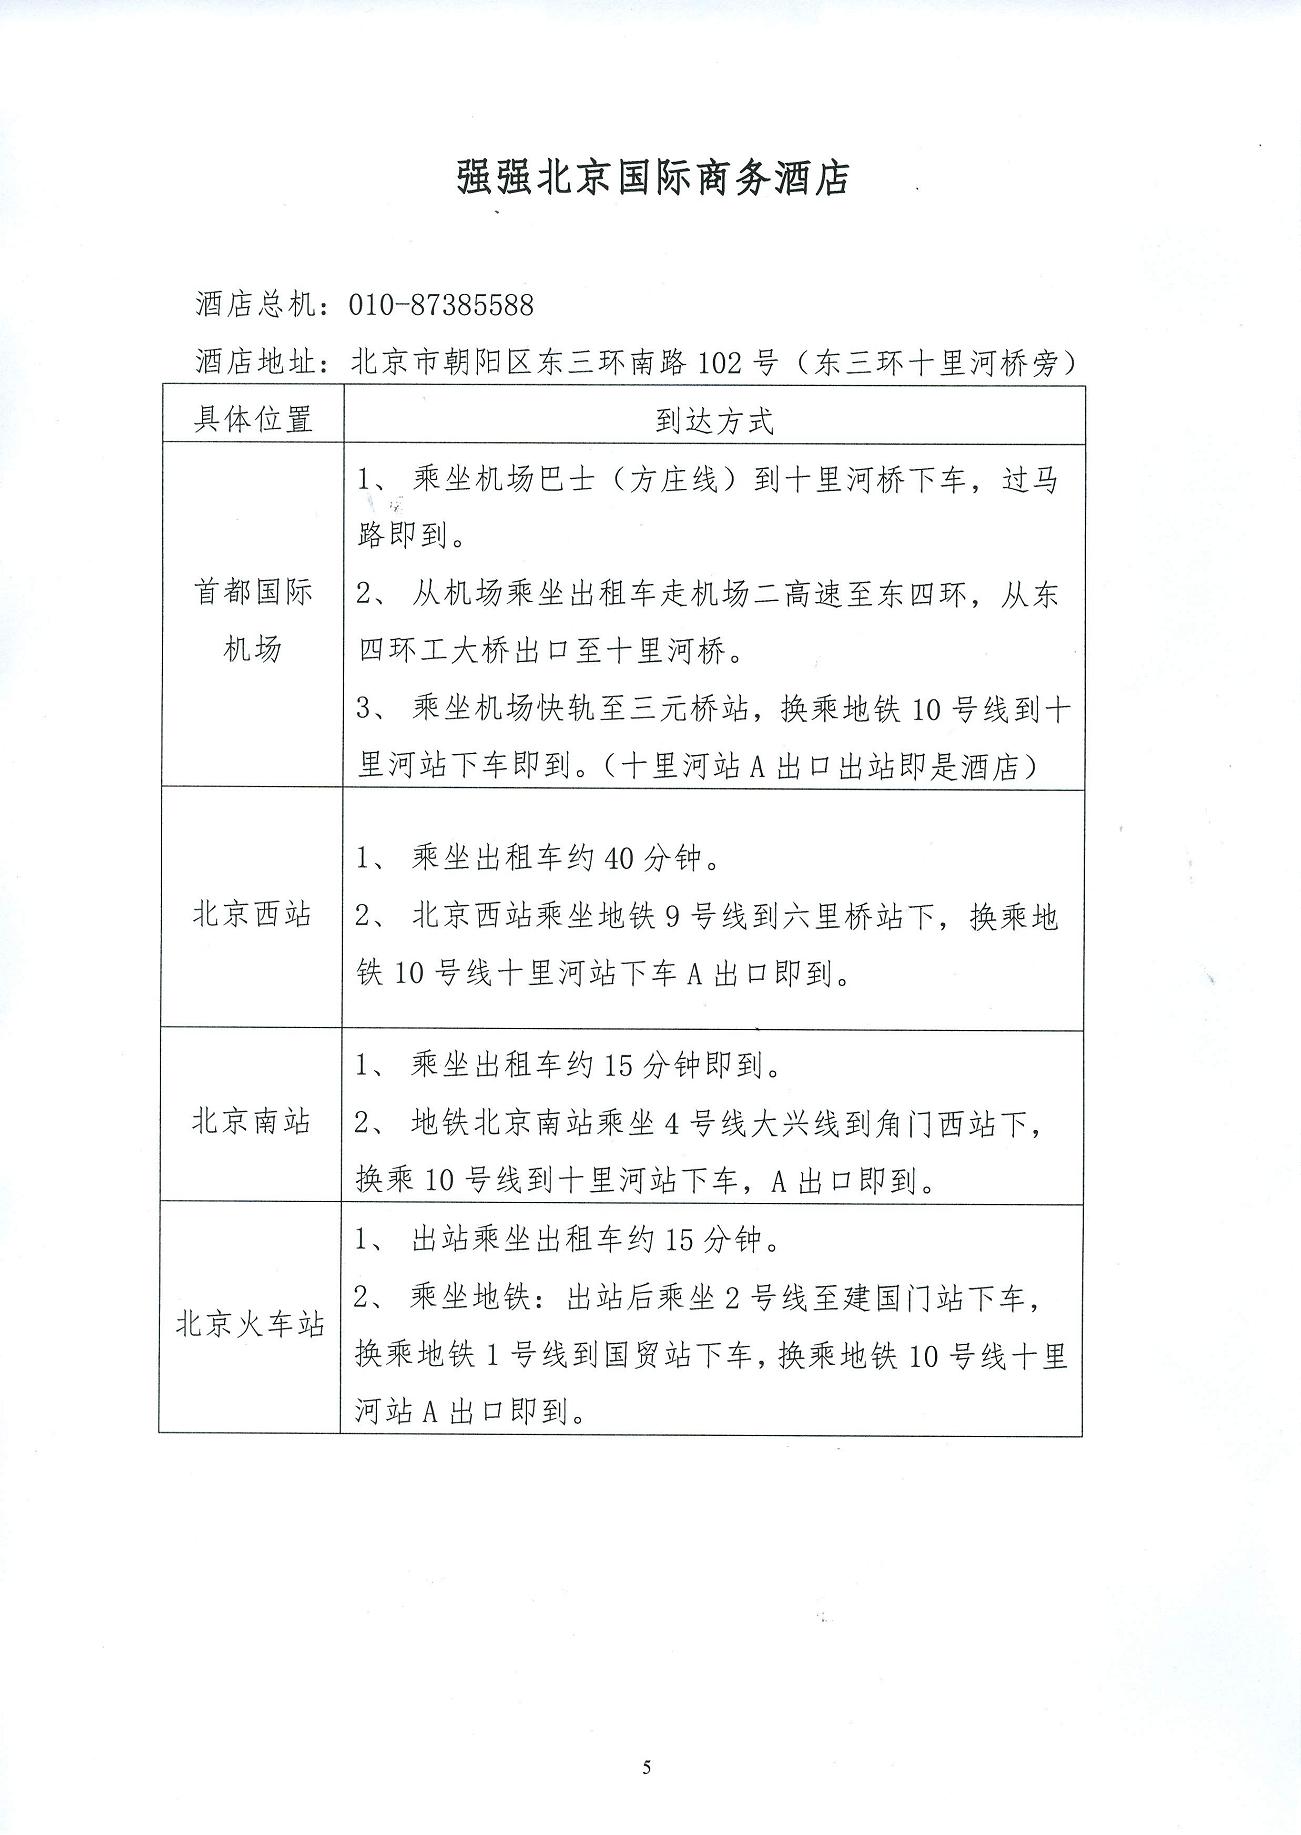 关于召开钨业发展报告会暨六届六次理事会的通知图片